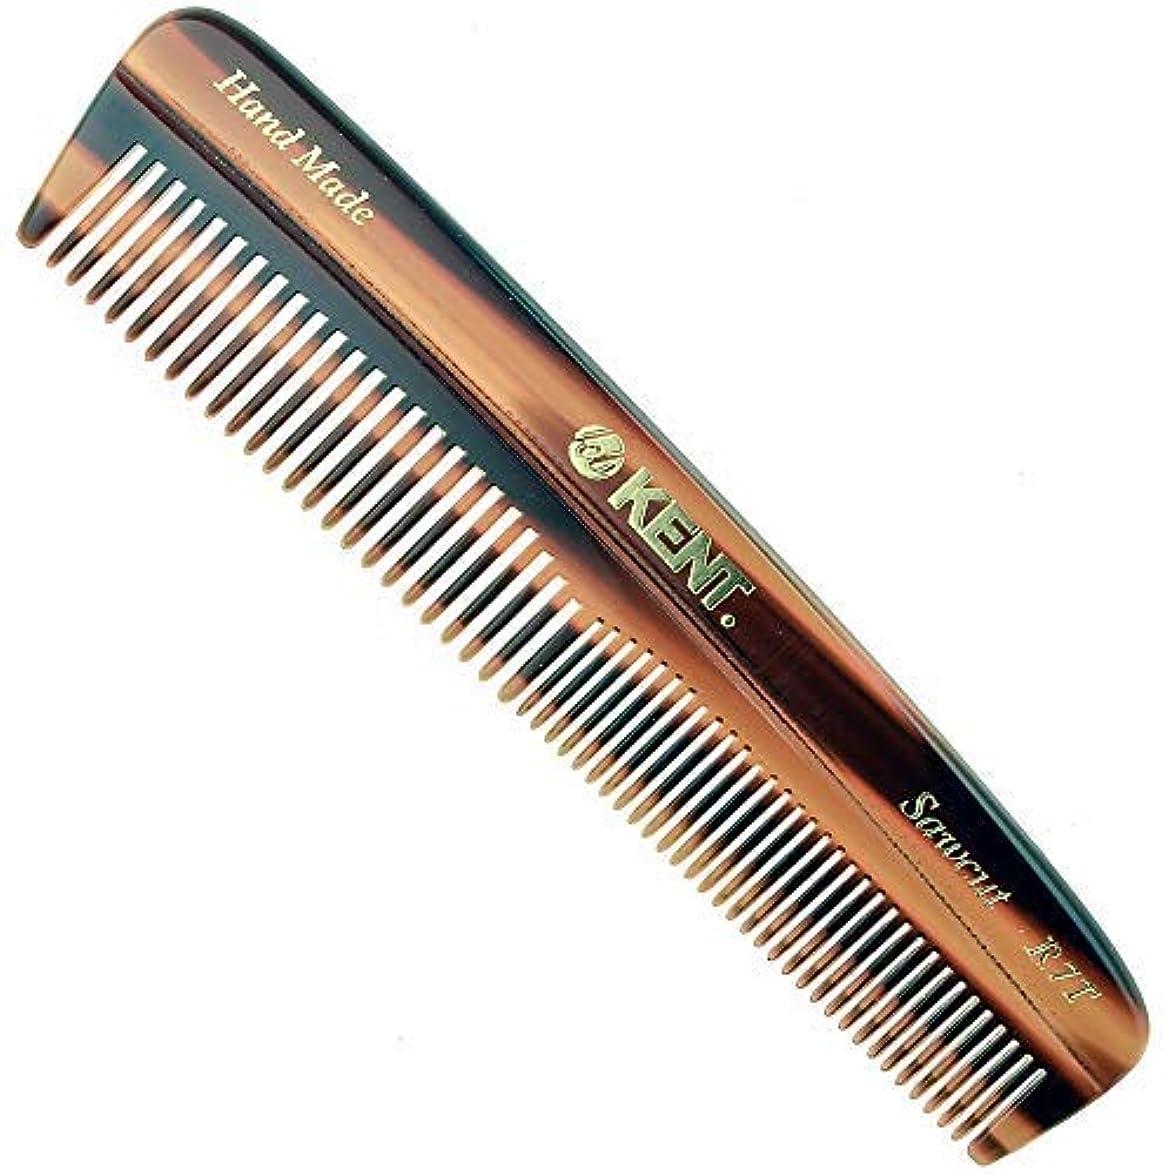 かなり出費引退したKent R7T - Men's/Women's Coarse and Fine Toothed Small Travel Pocket Comb 130mm/5.63